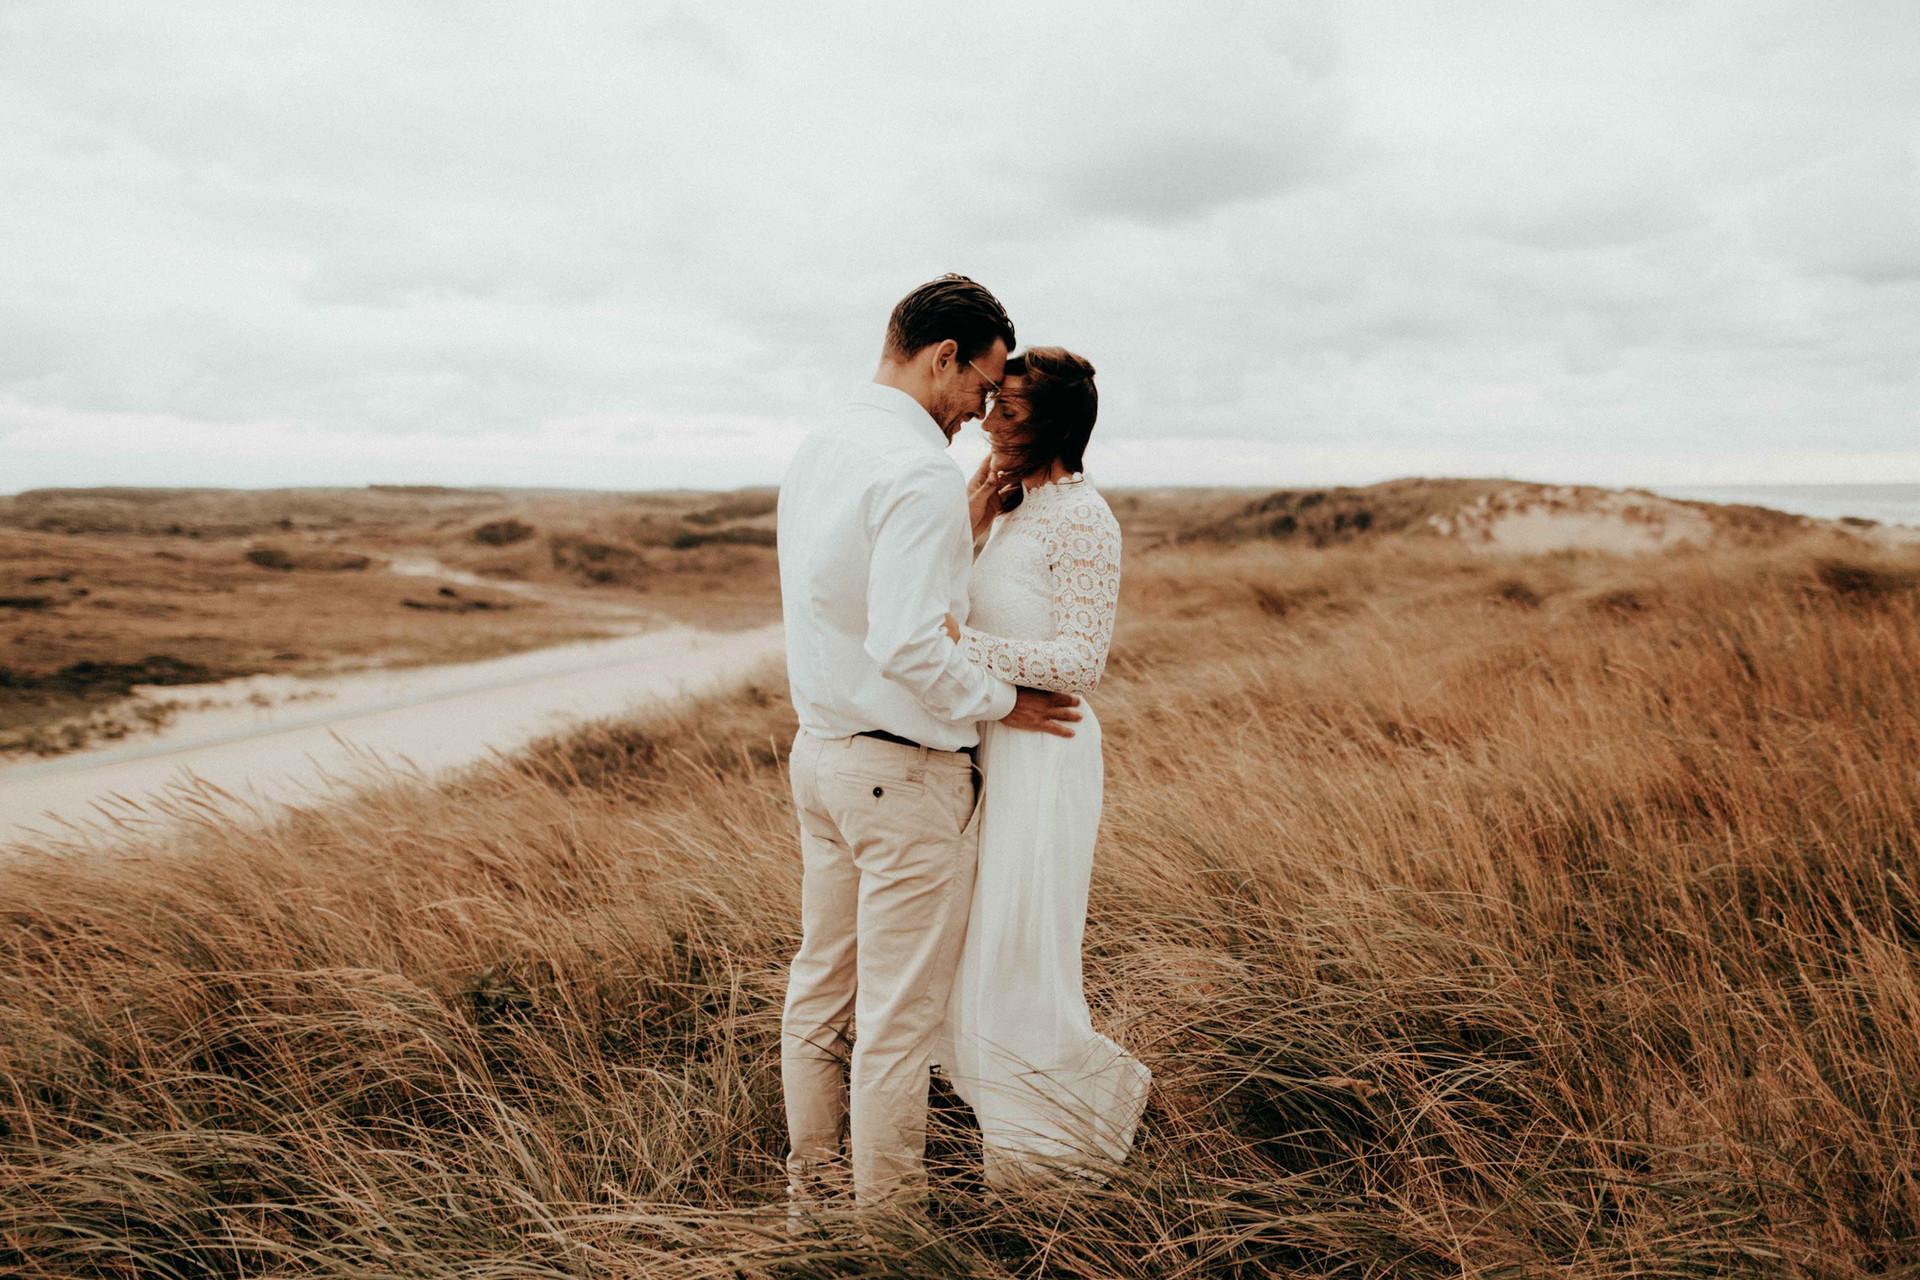 Zandvoort-After-Wedding-009.jpg